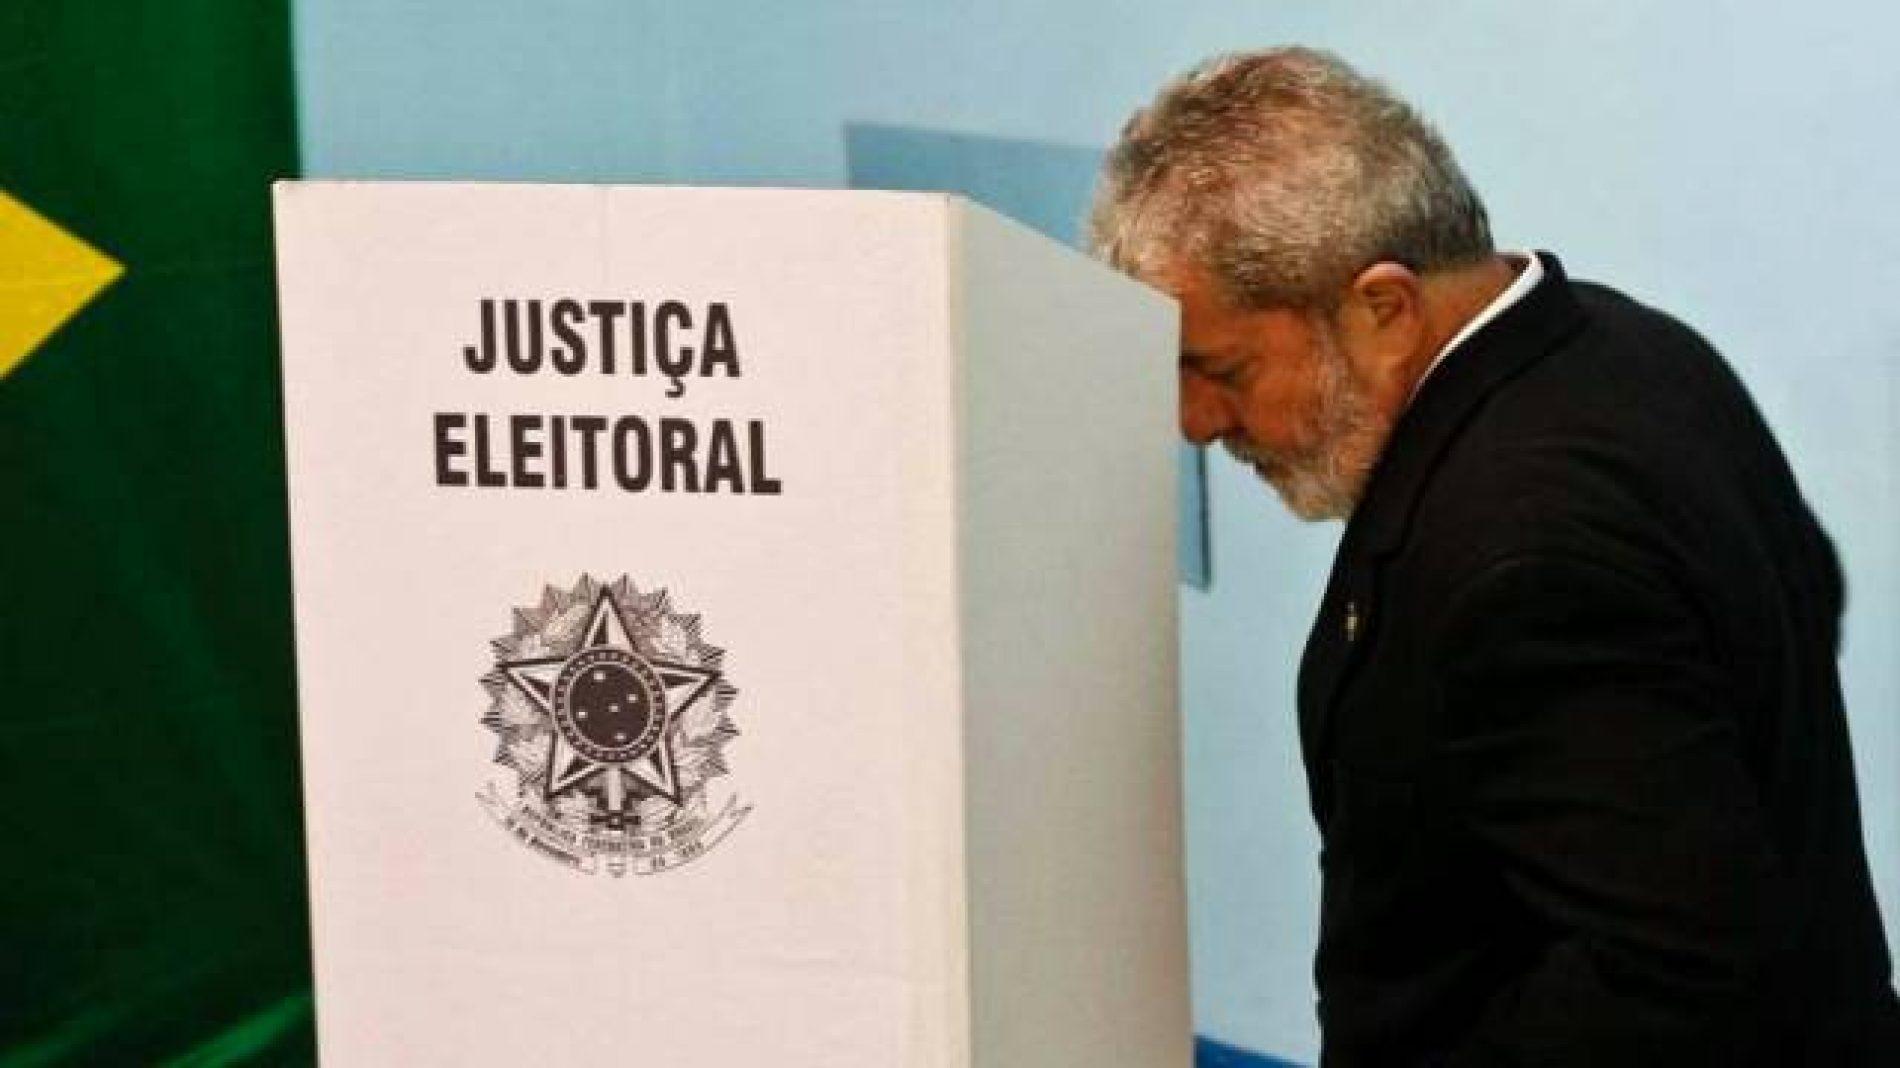 Pelo andar da carruagem, a foto de Lula estará na urna